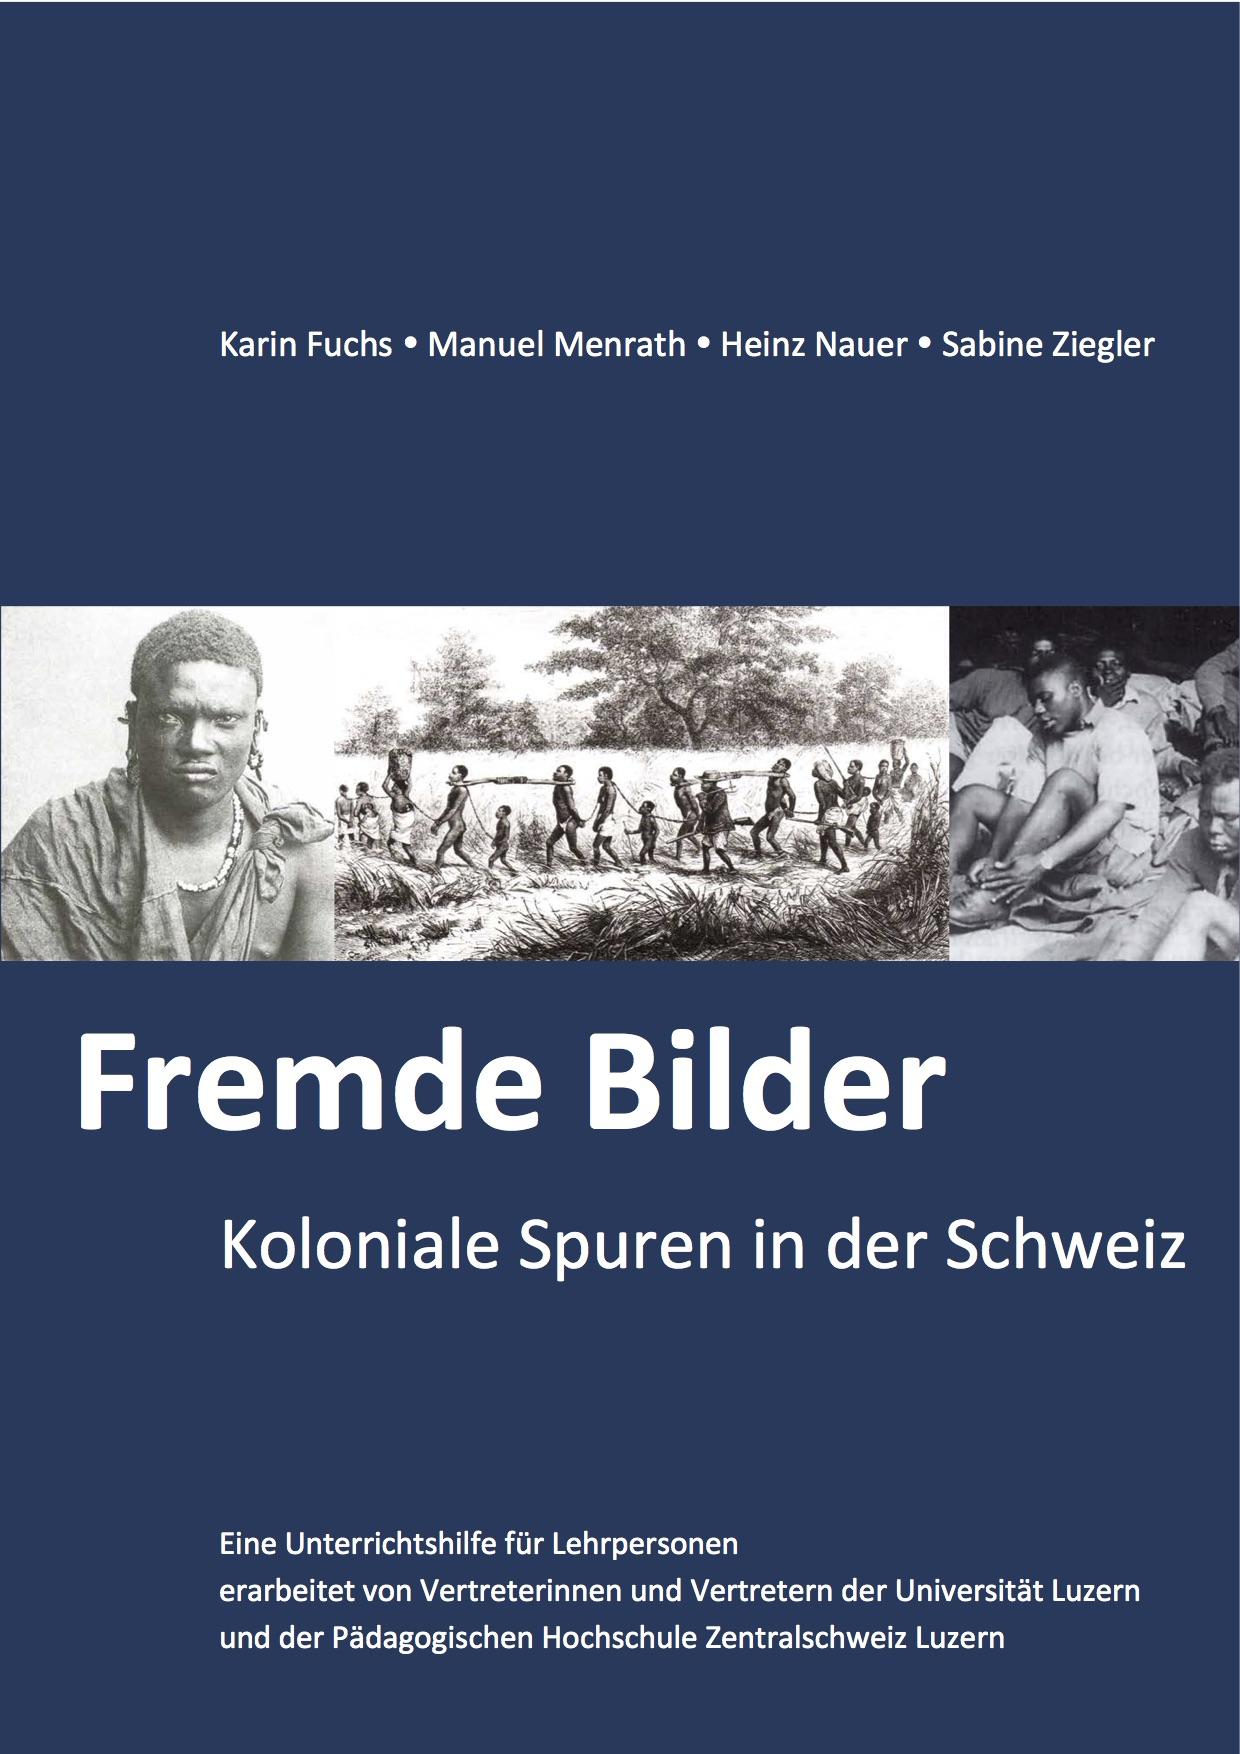 FremdeBilder_2011